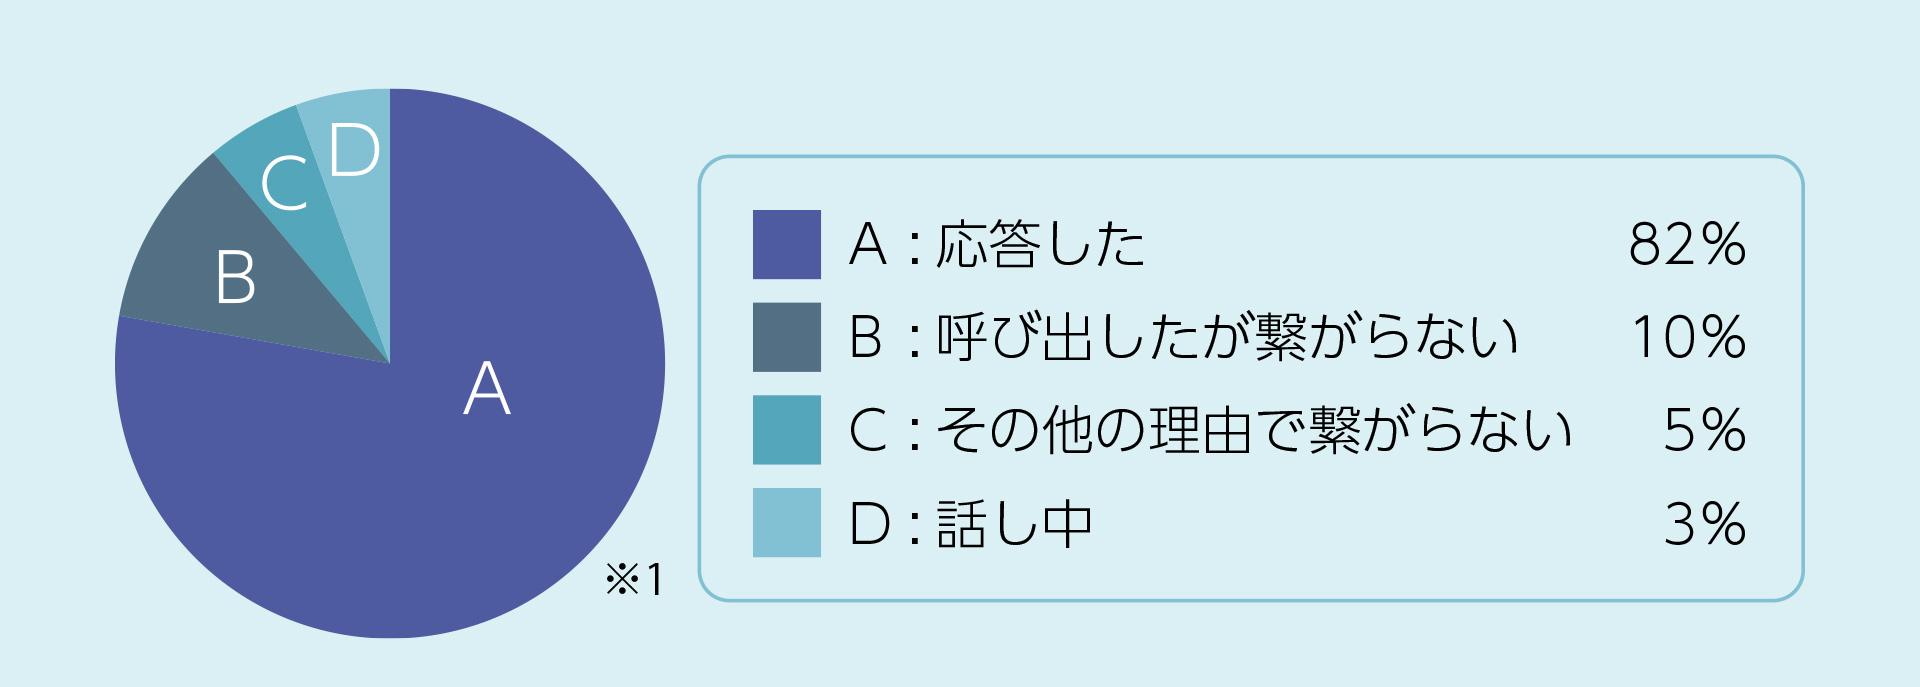 グラフ応答率